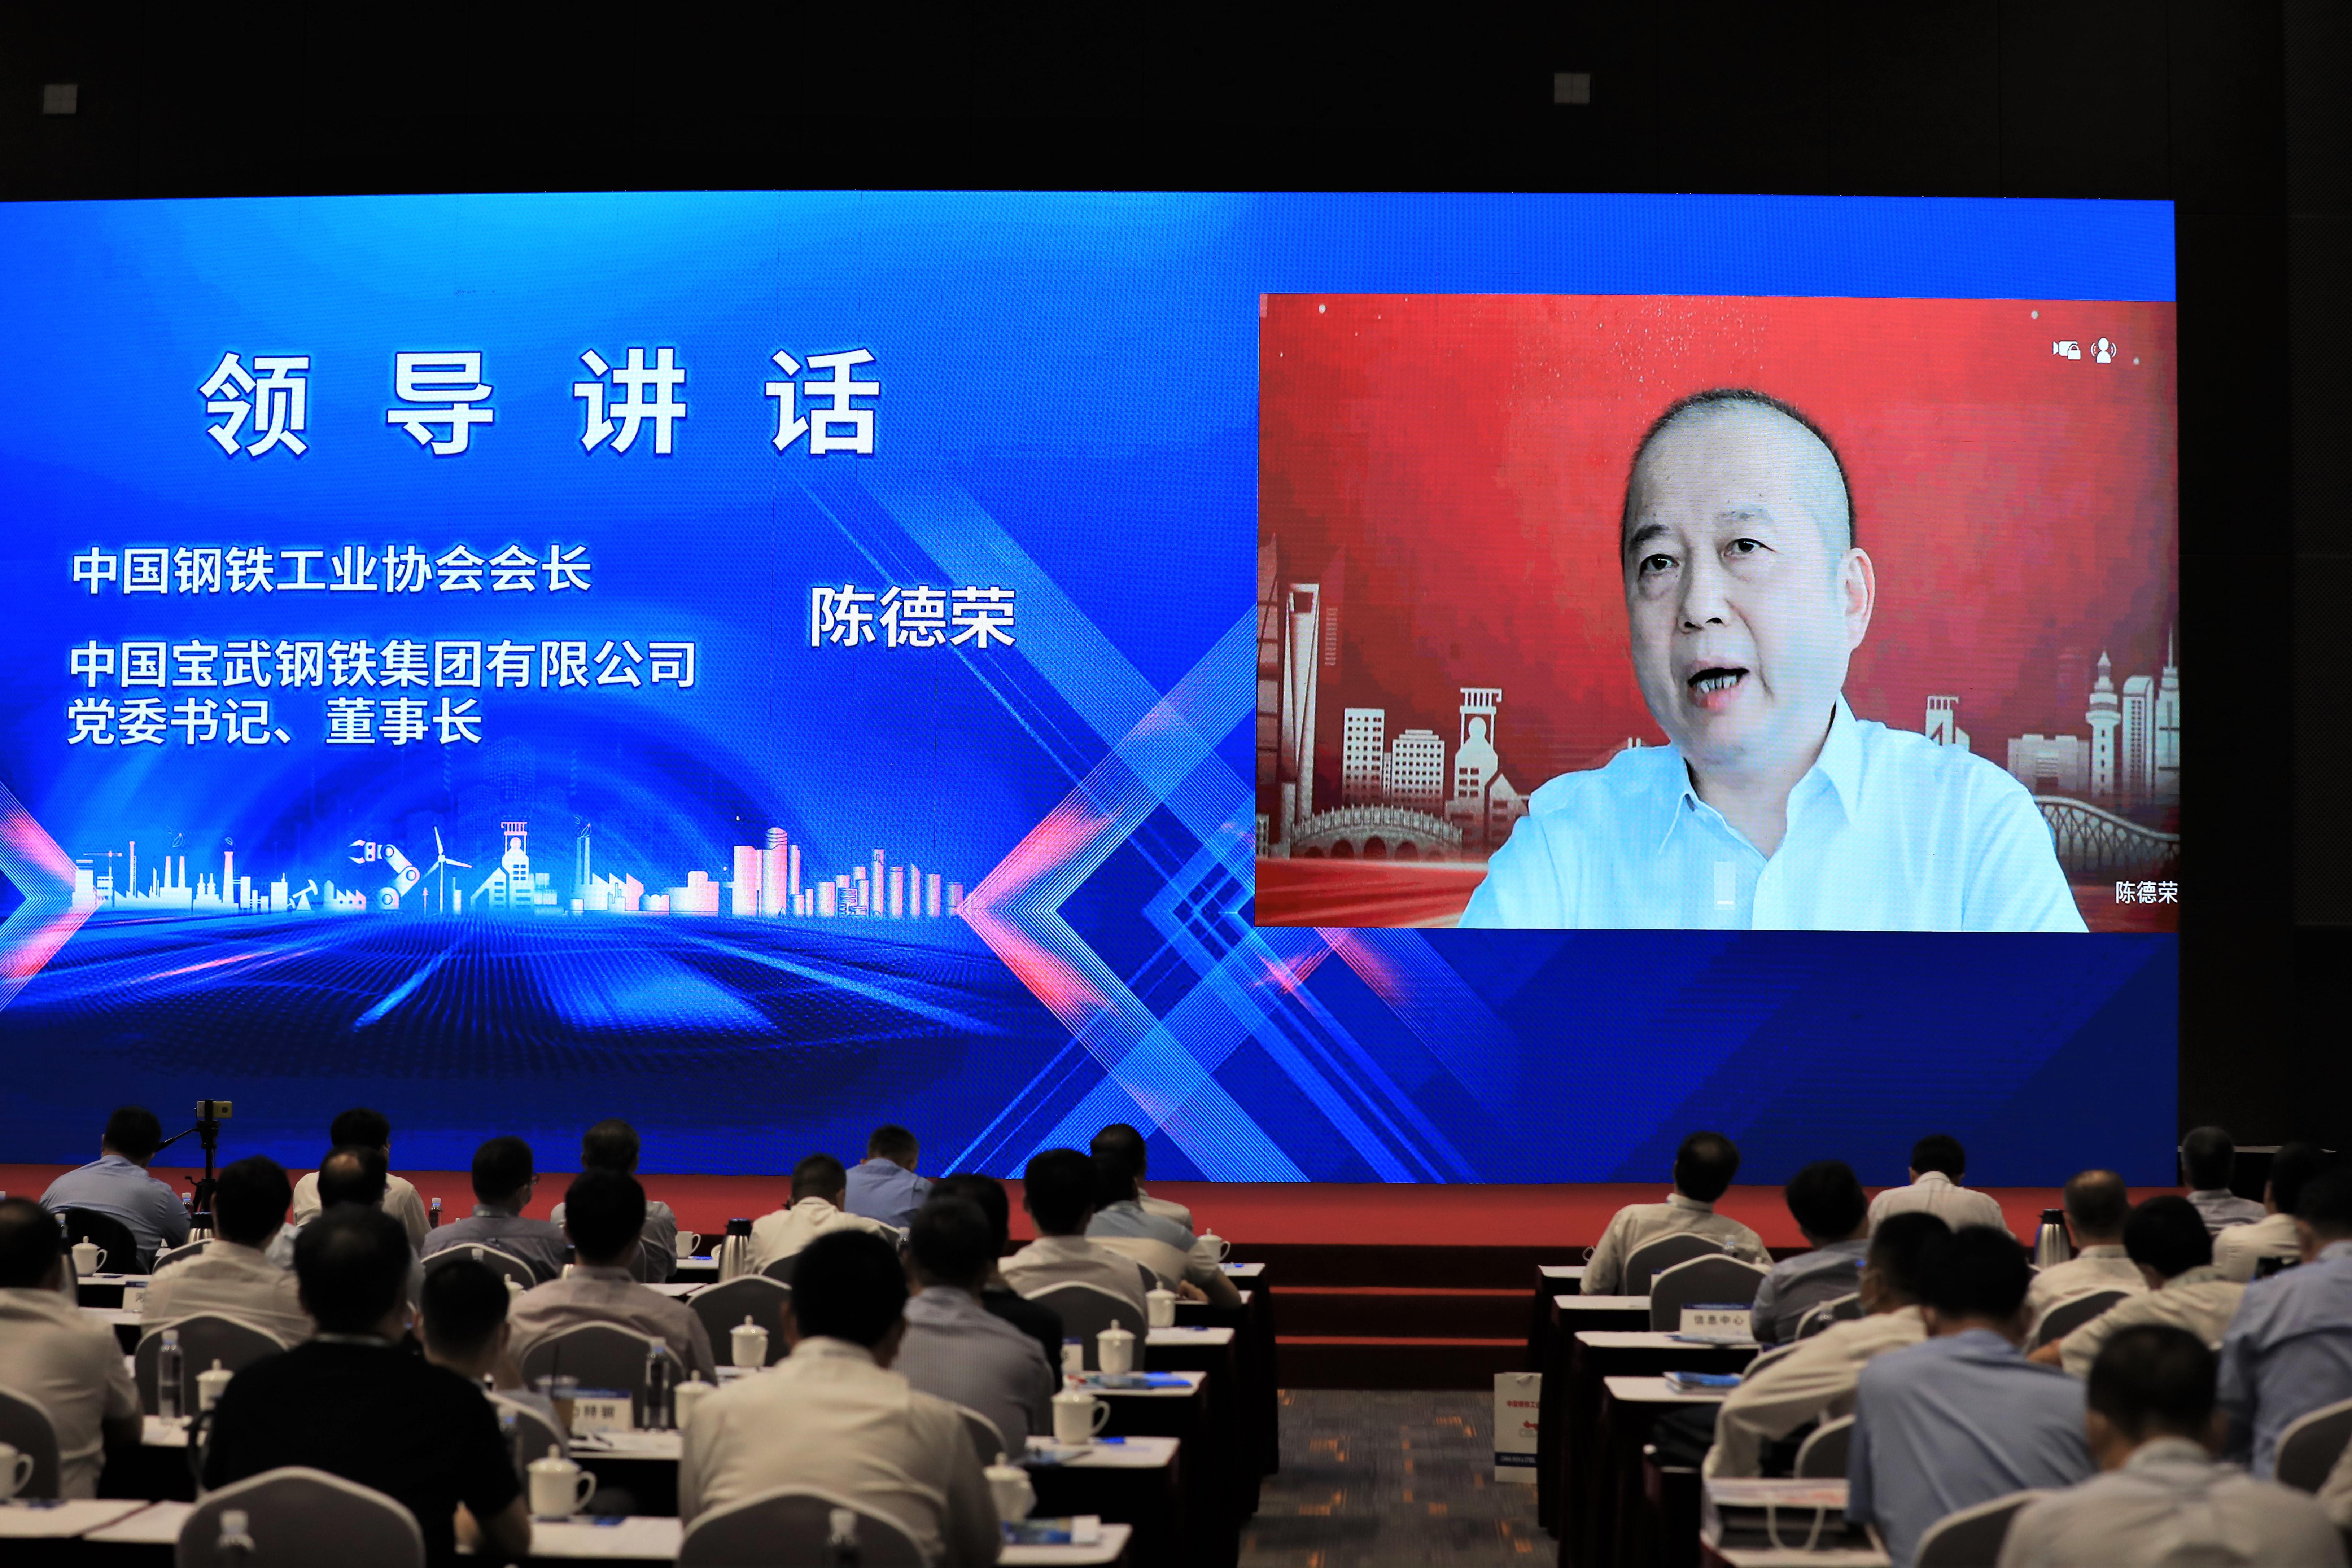 陈德荣:宝武集团愿意向全行业无条件共享低碳冶金技术